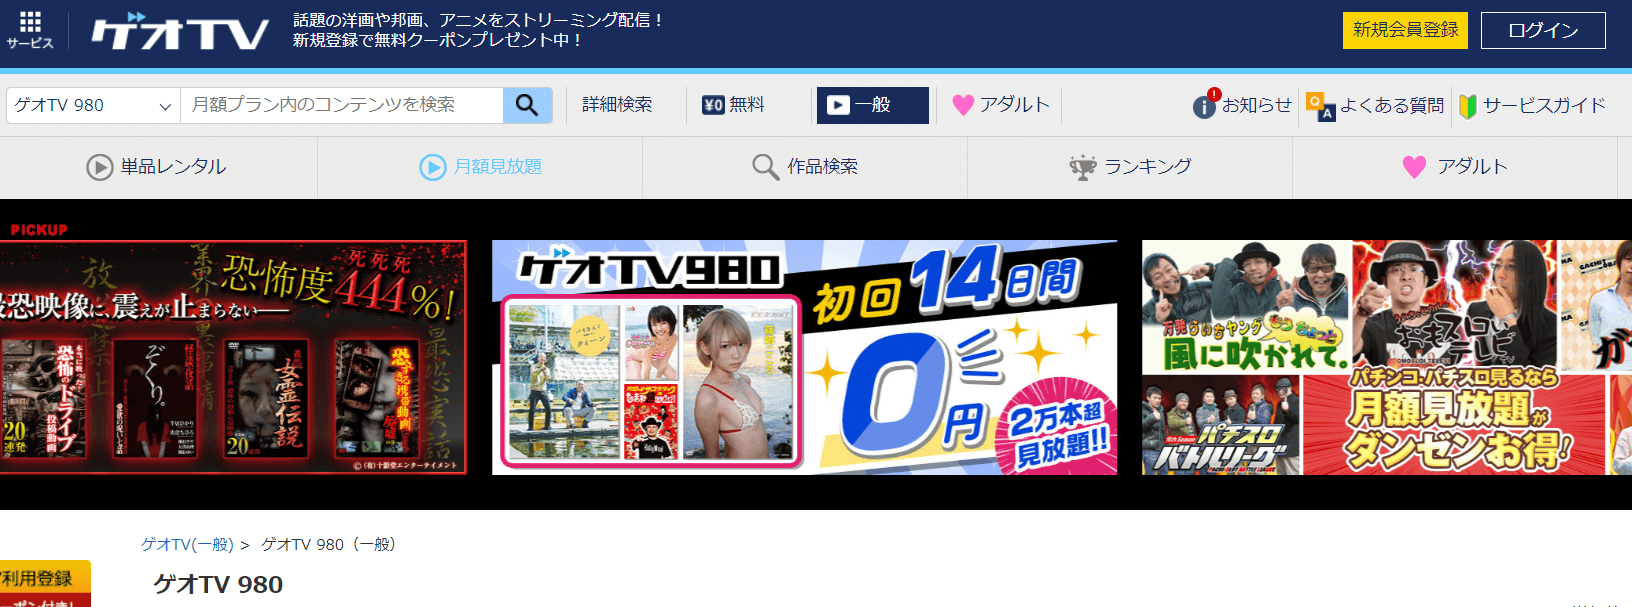 ゲオTV公式サイト